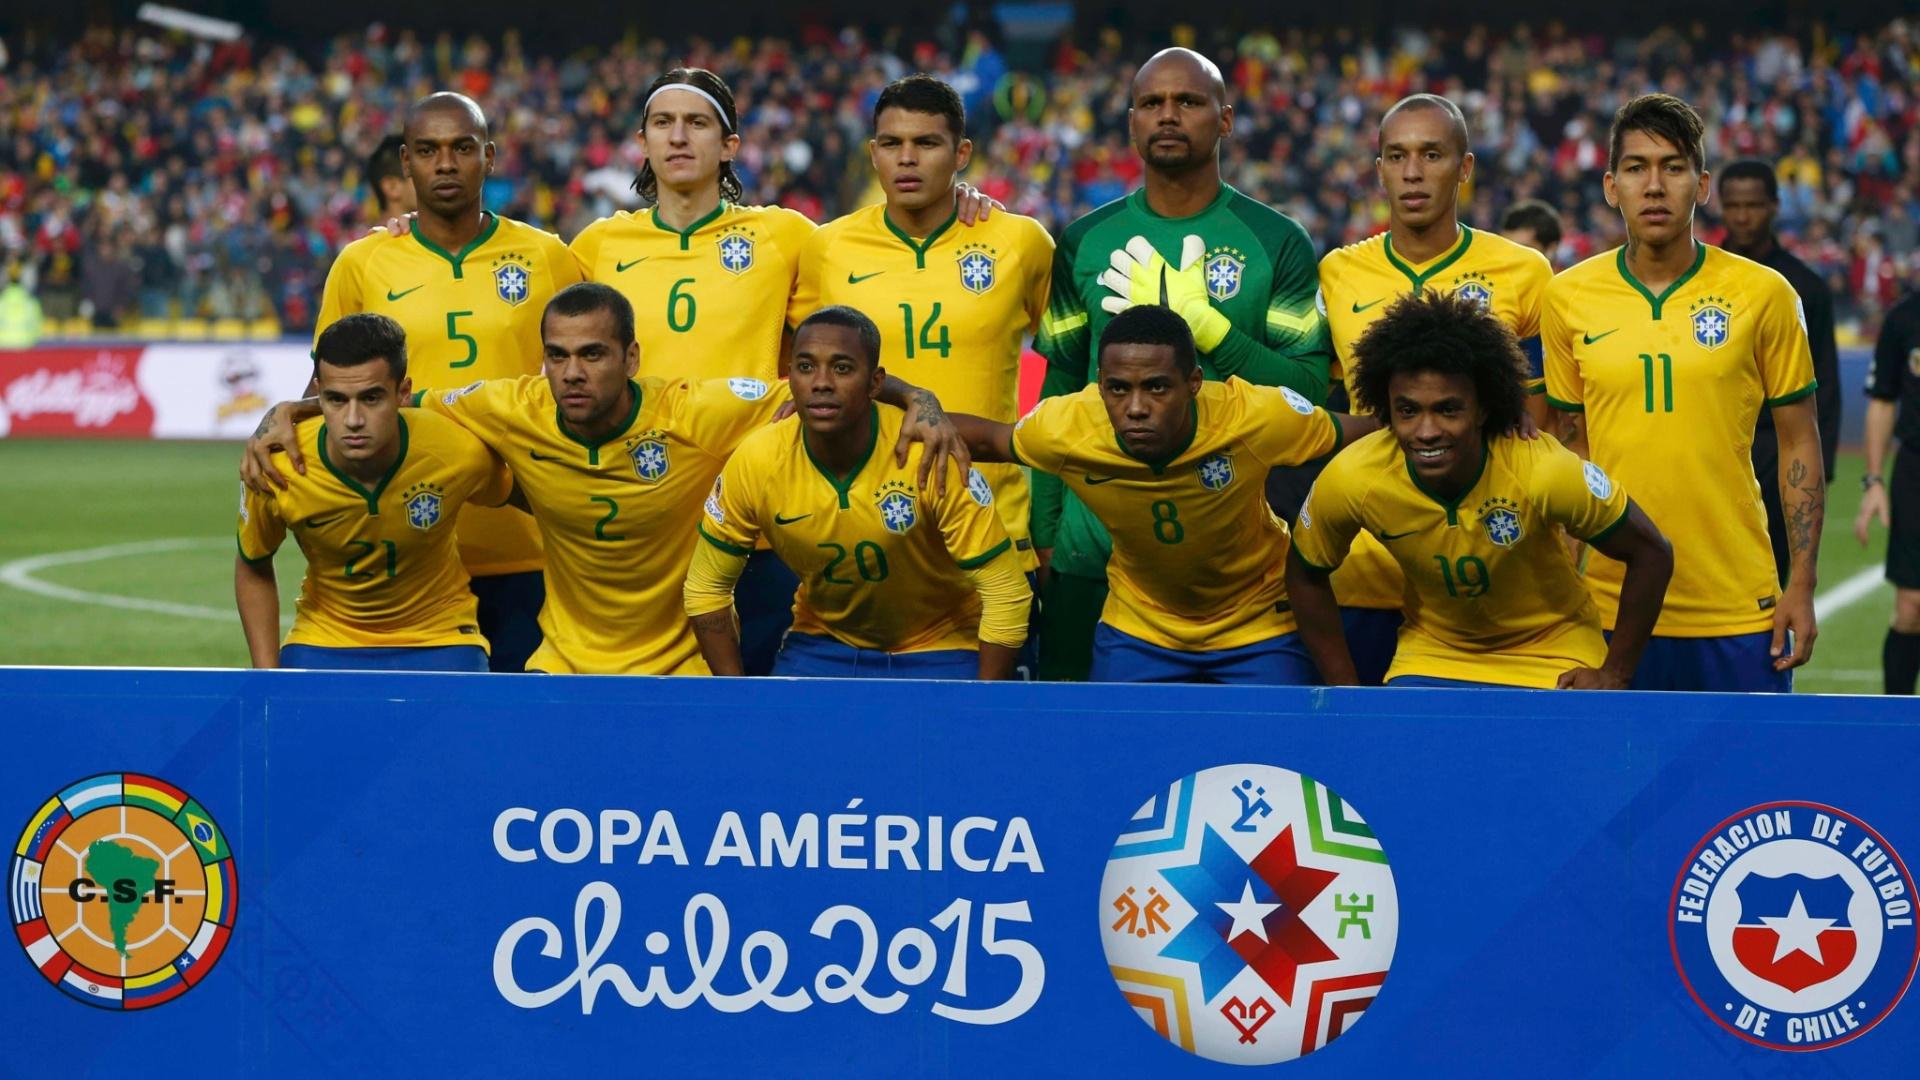 Jogadores do Brasil posam para foto antes do jogo das quartas de final da Copa América